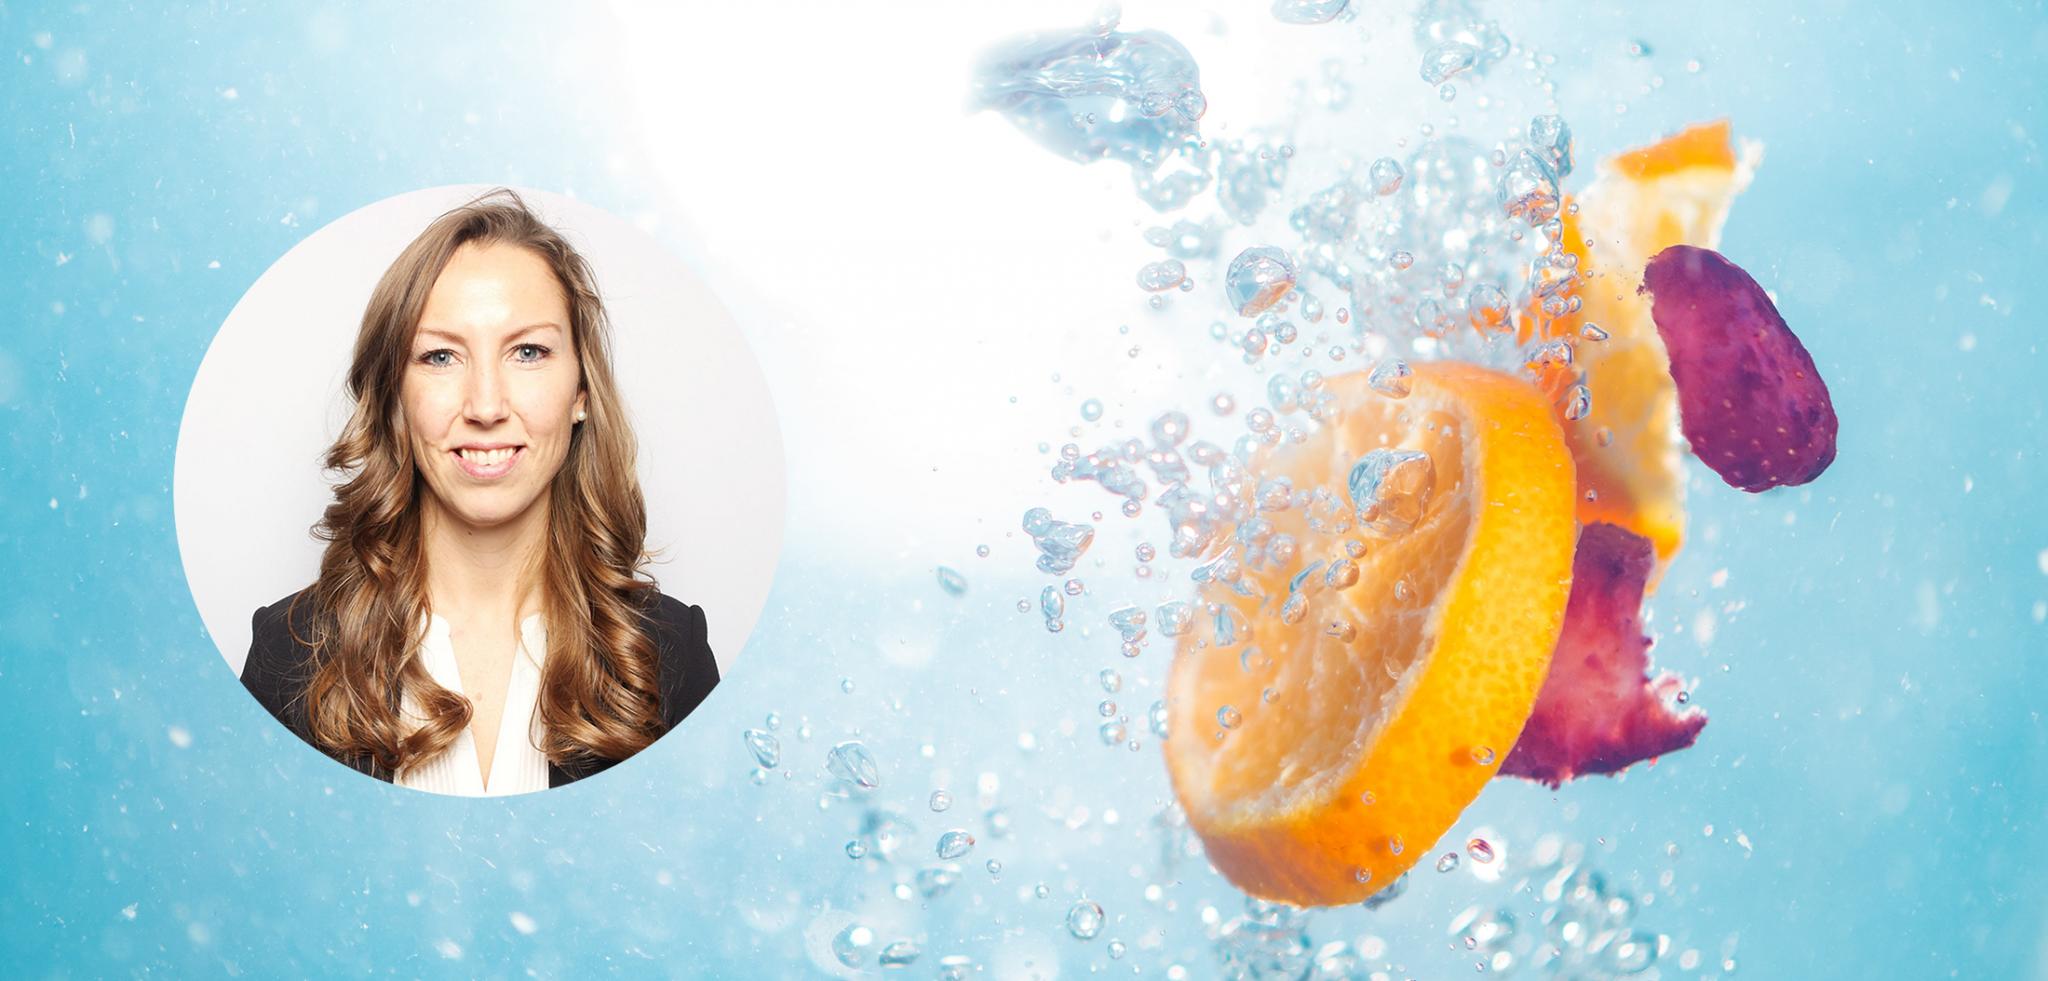 Appelsinskiver og kronblader som slippes i vann sammen med et profilbilde av Xledger ansatt Ellen Elisabeth Lien.